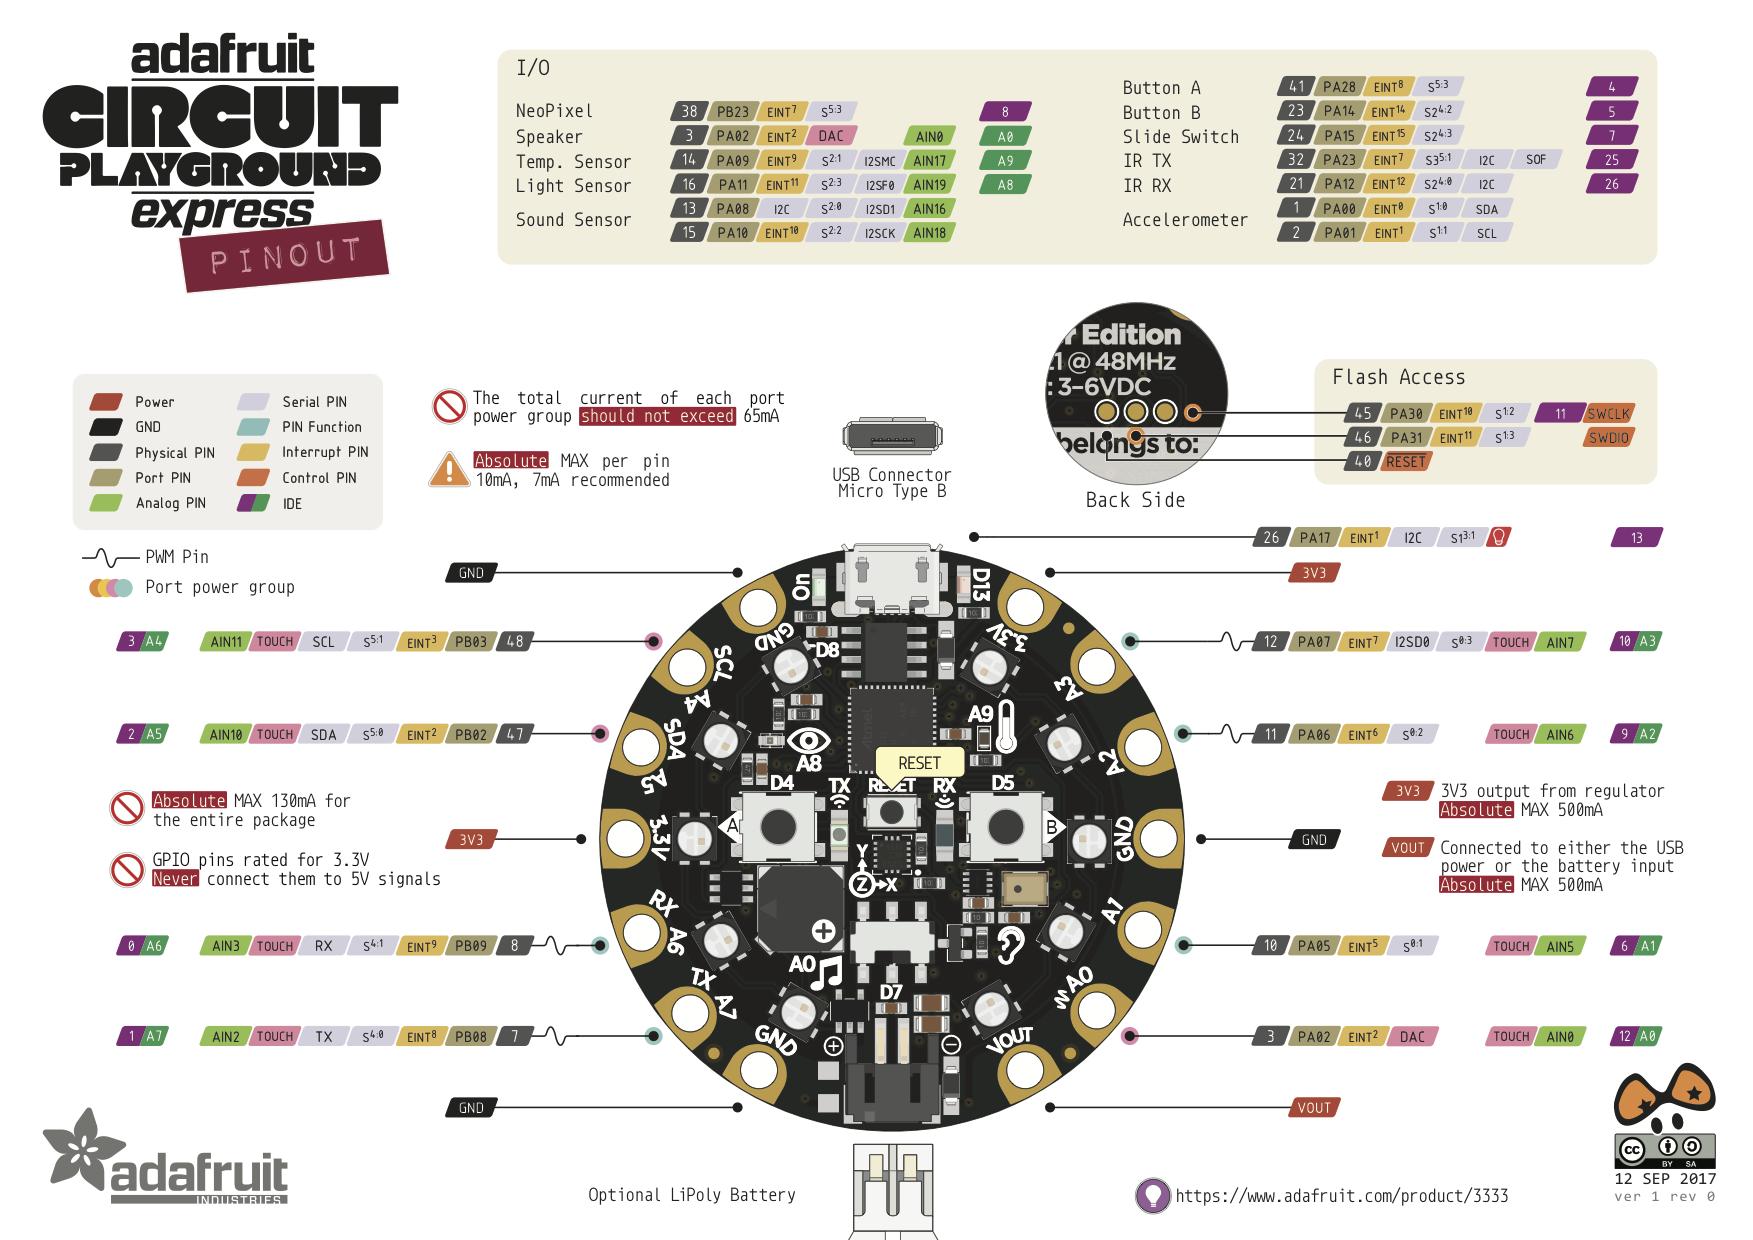 hacks_circuit_playground_Adafruit_Circuit_Playground_Express_Pinout.png